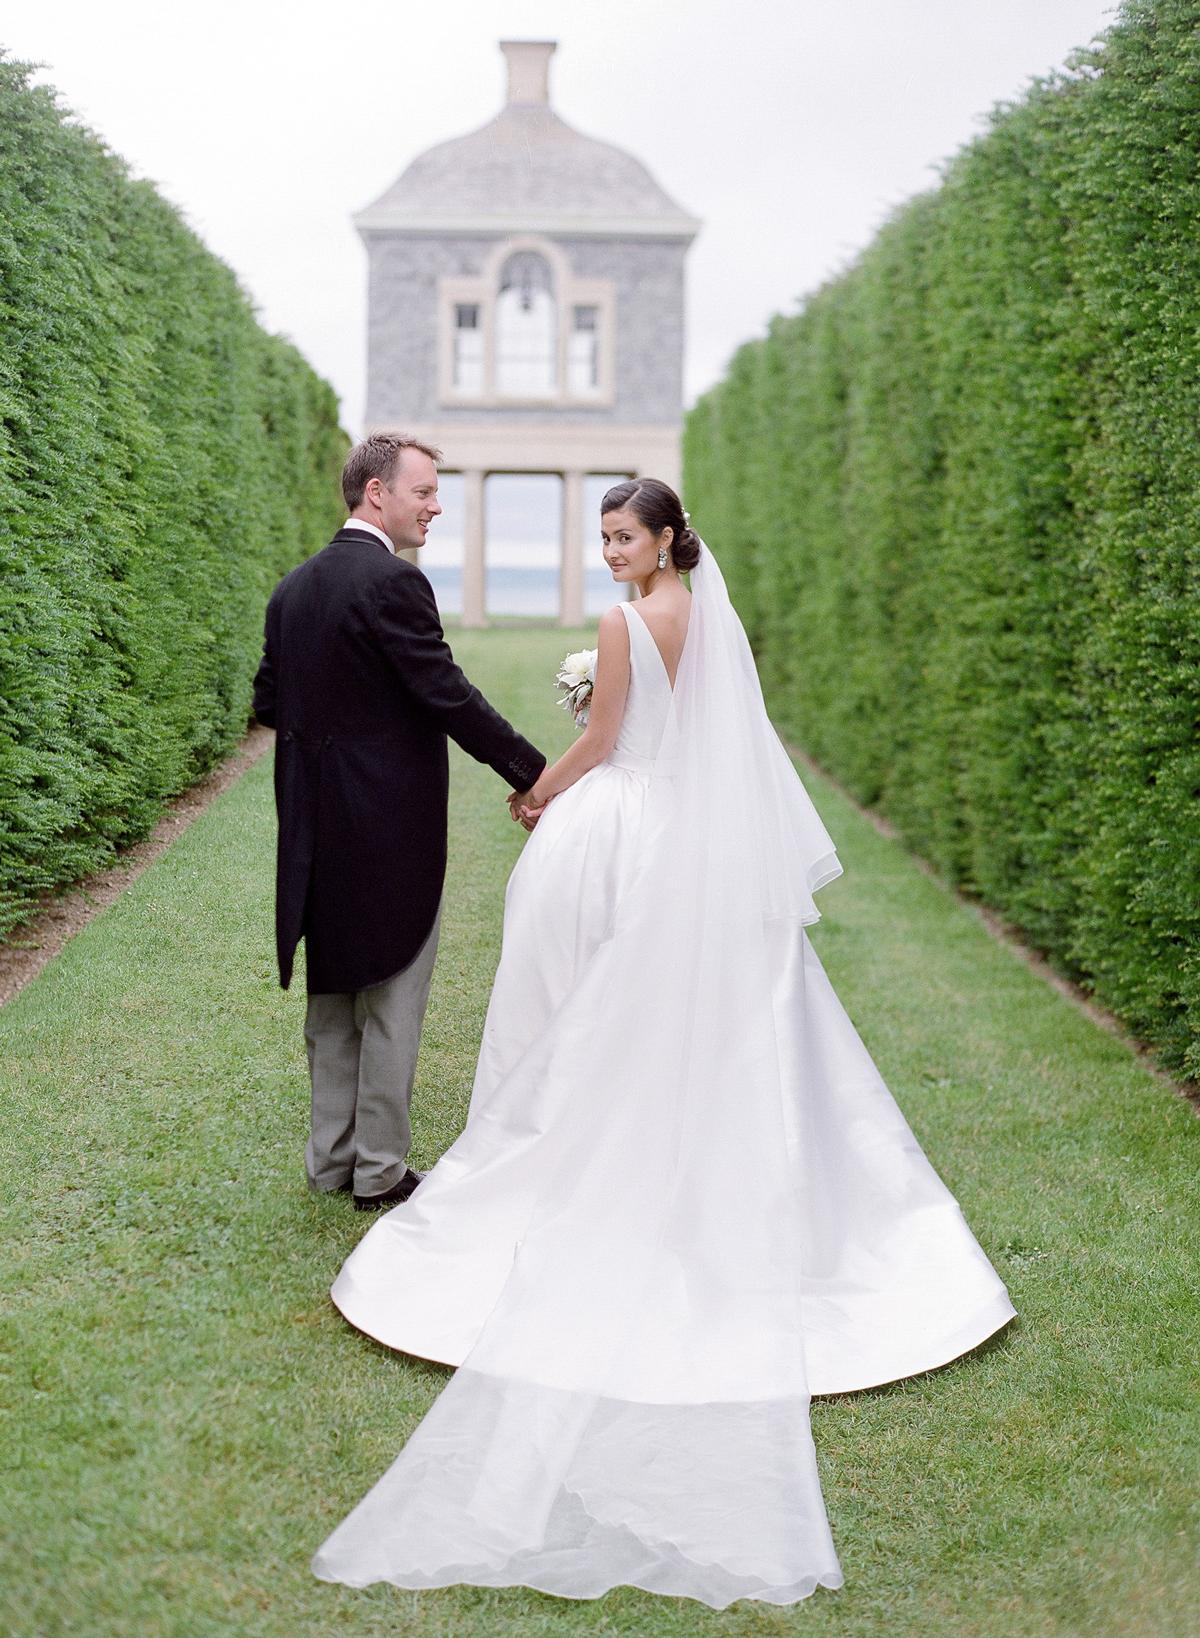 peony matthew england wedding couple holding hands bride looking back